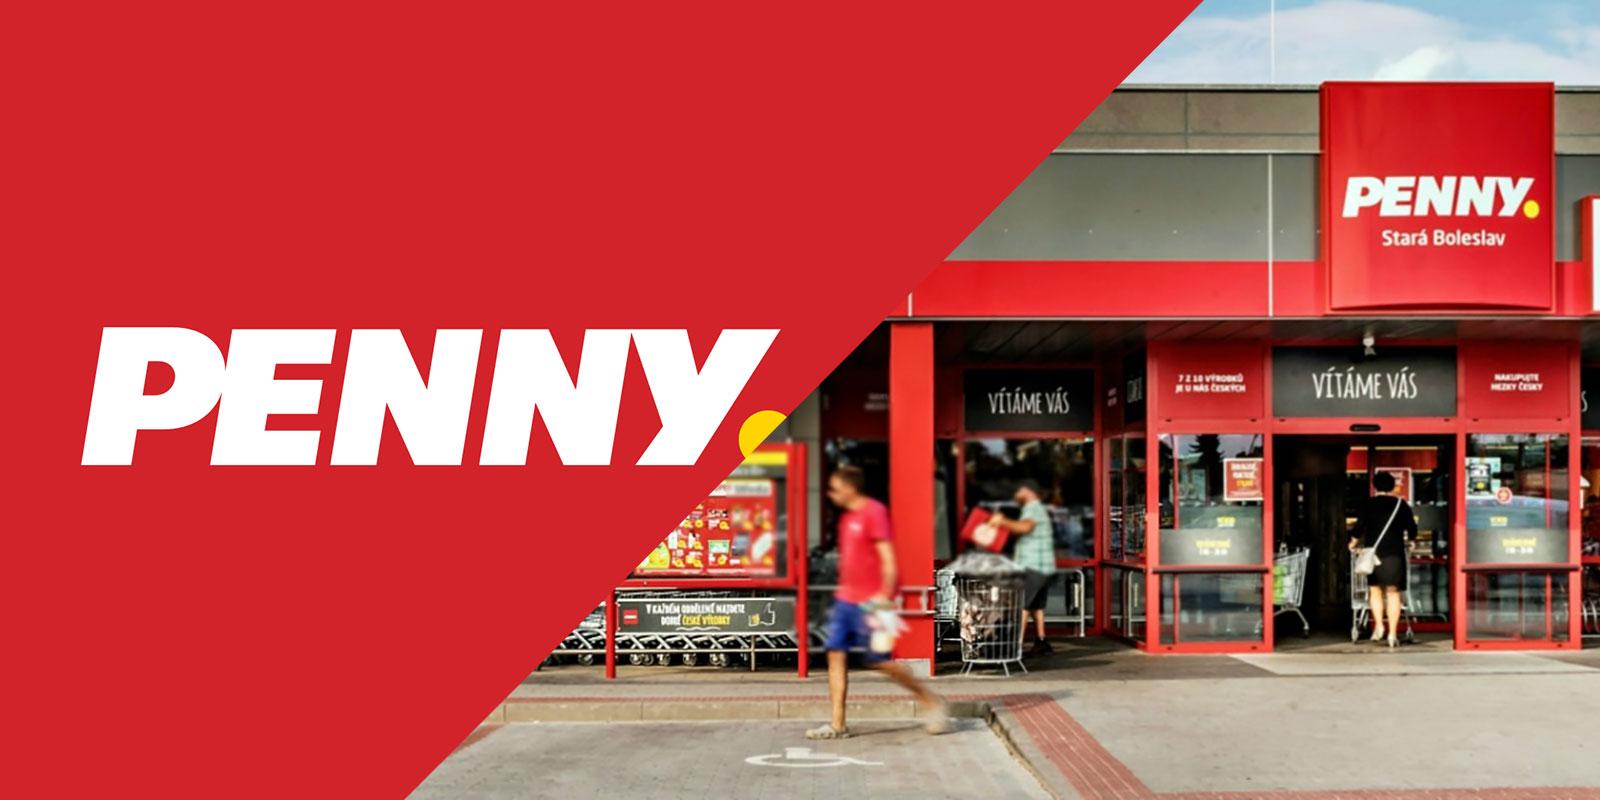 Penny leták - Kompletní informace o slevách a akcích Penny Marketu